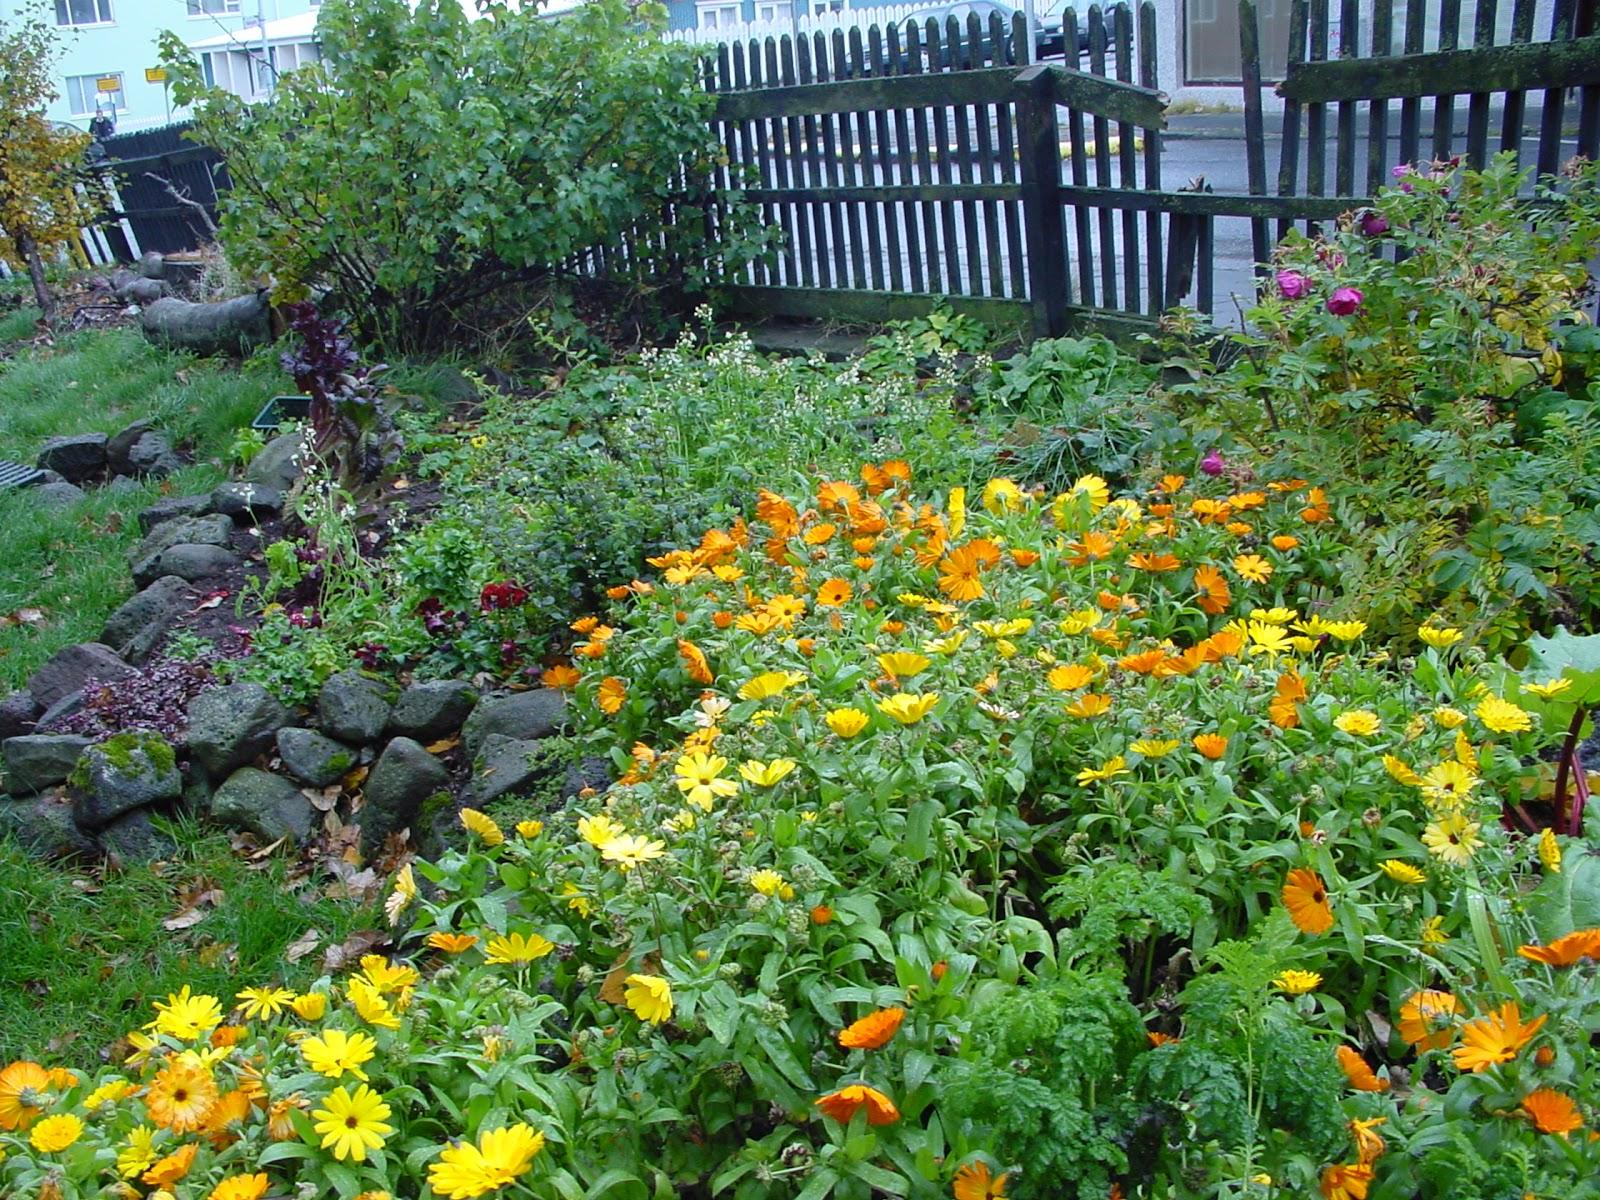 Jardineria eladio nonay jardiner a eladio nonay jardines - Jardineria eladio nonay ...